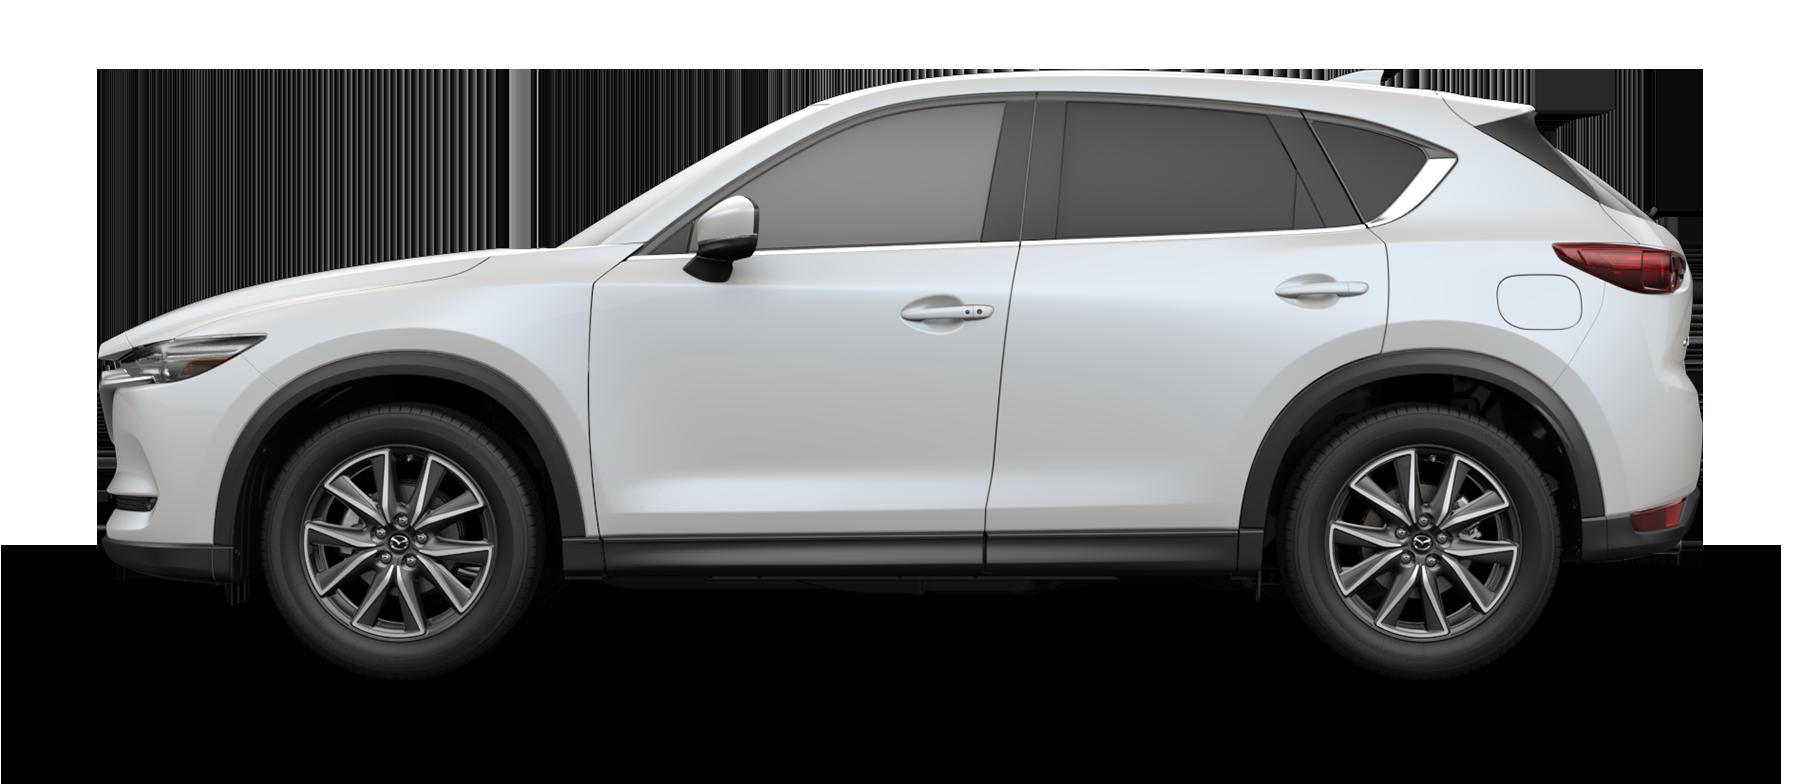 2017 Mazda CX 5 Image